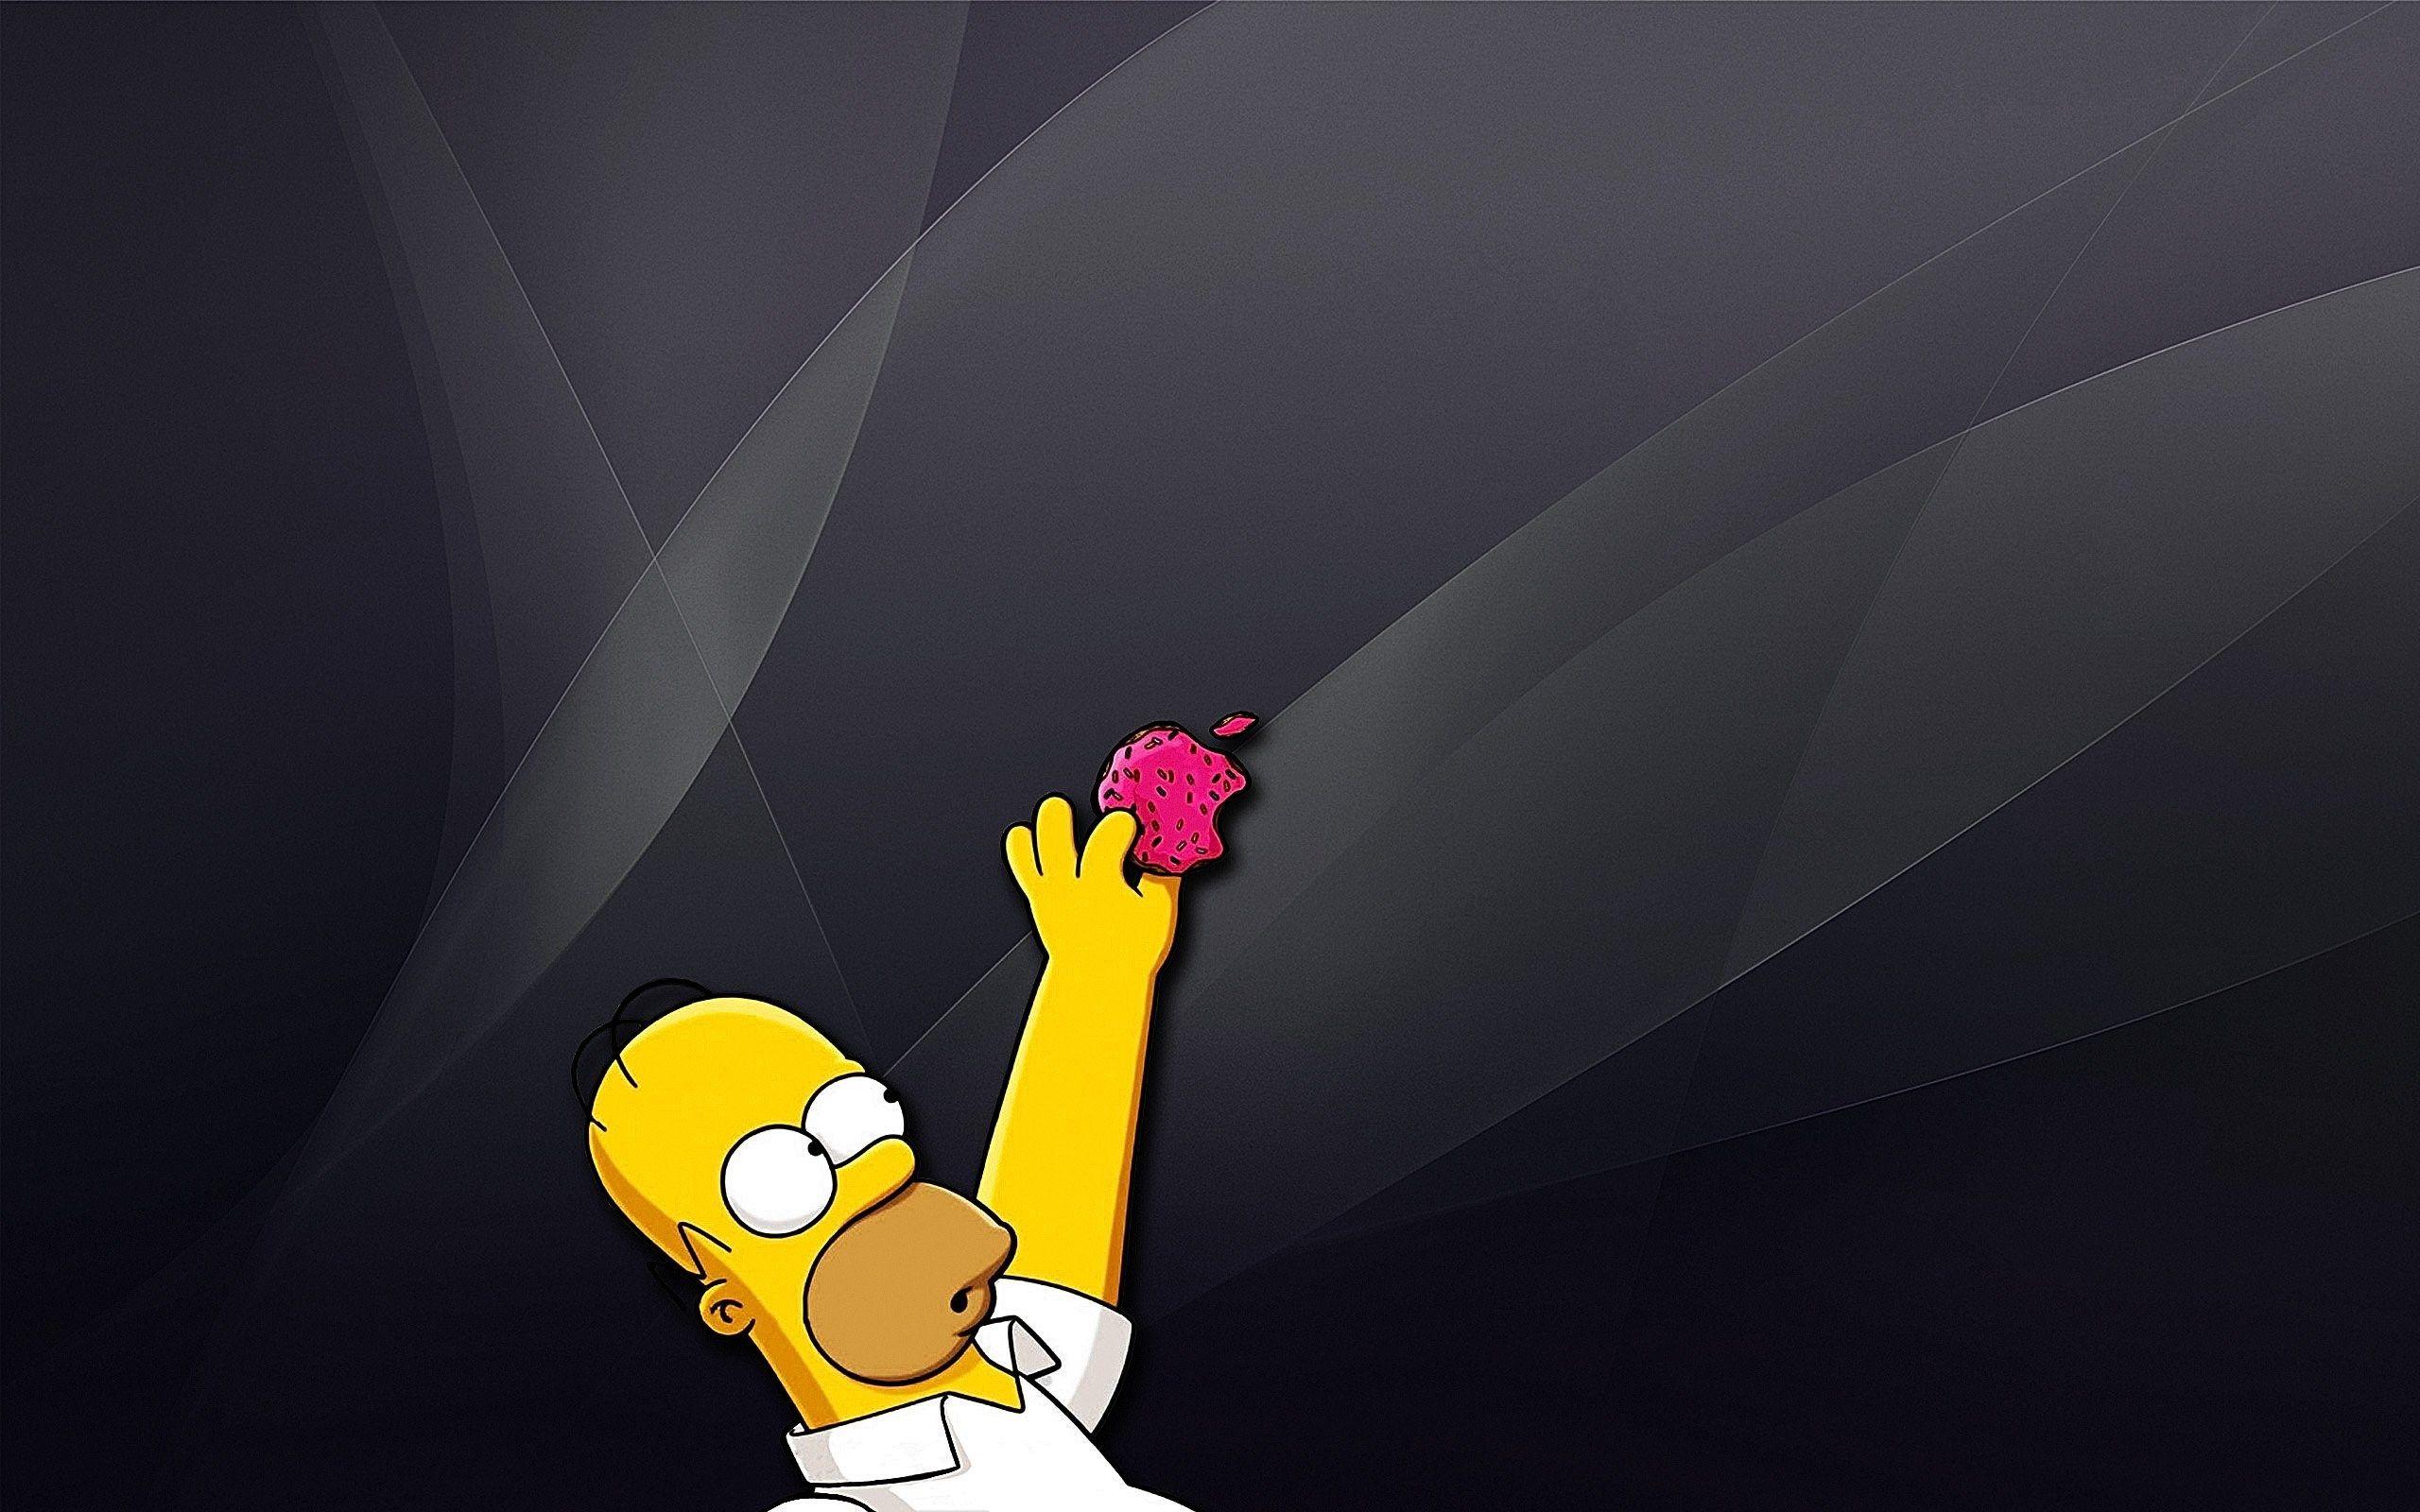 Full Size Homer Simpson Wallpaper Byron Chester 2560 X 1600 Apple Wallpaper Wallpaper Homer